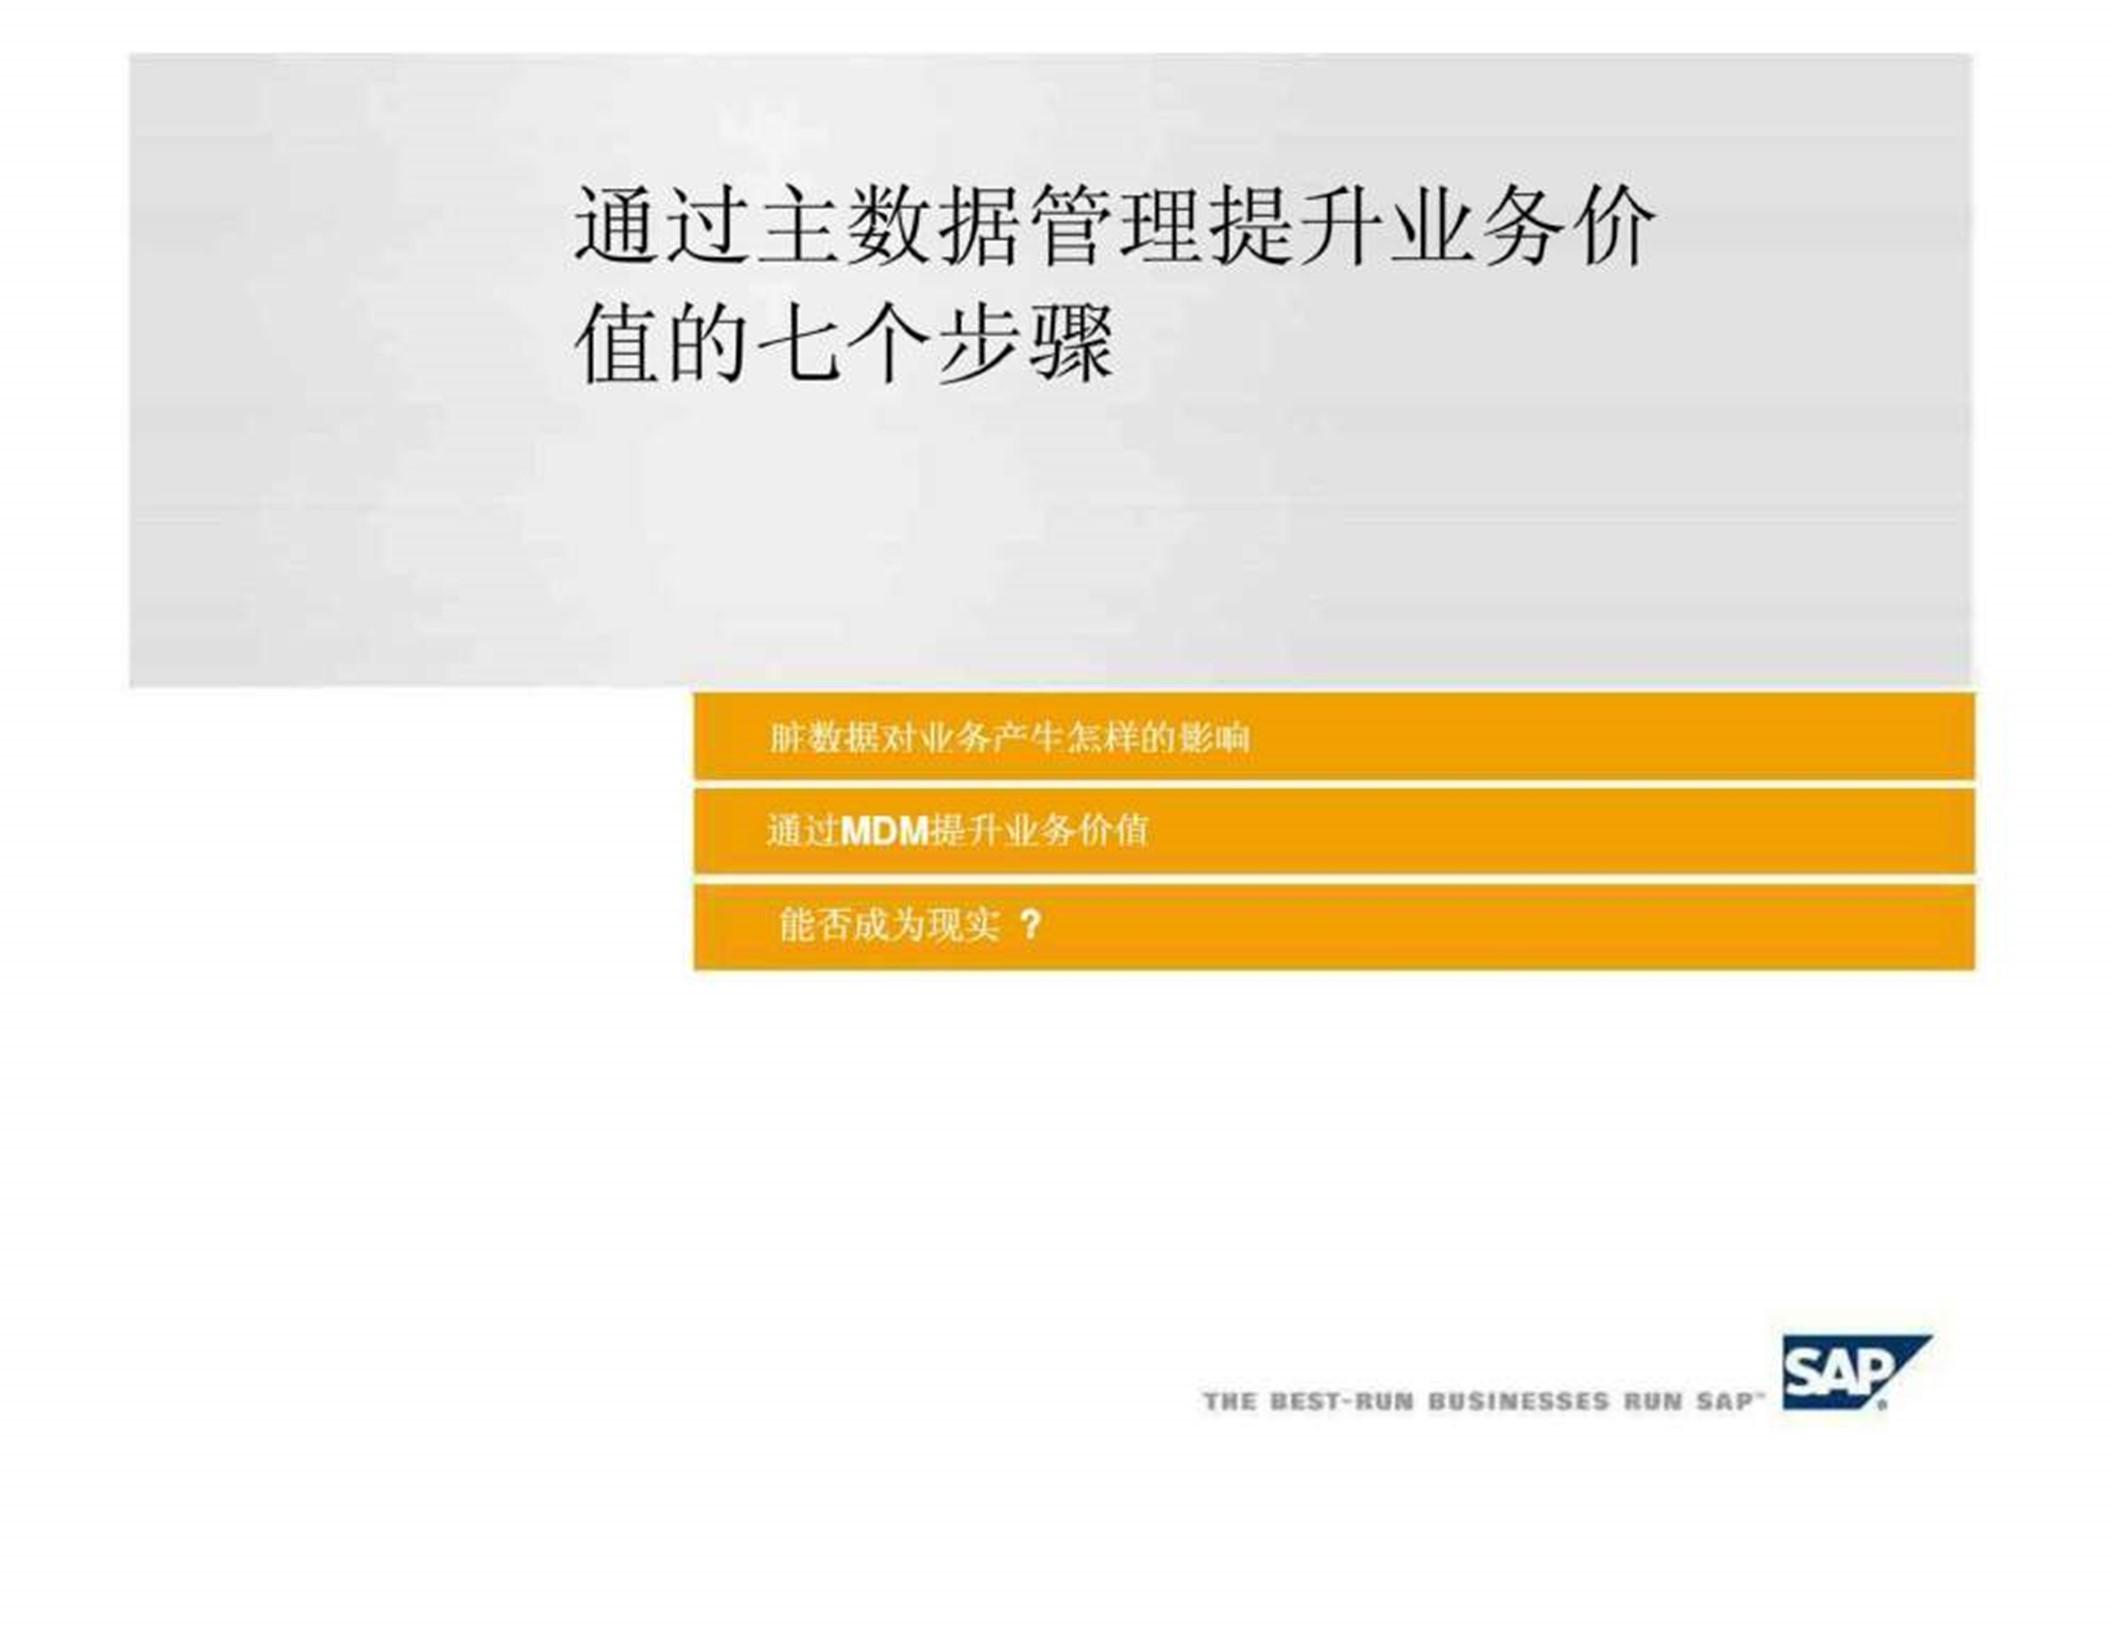 SAP-通过主数据管理系统提升价值的七个步骤